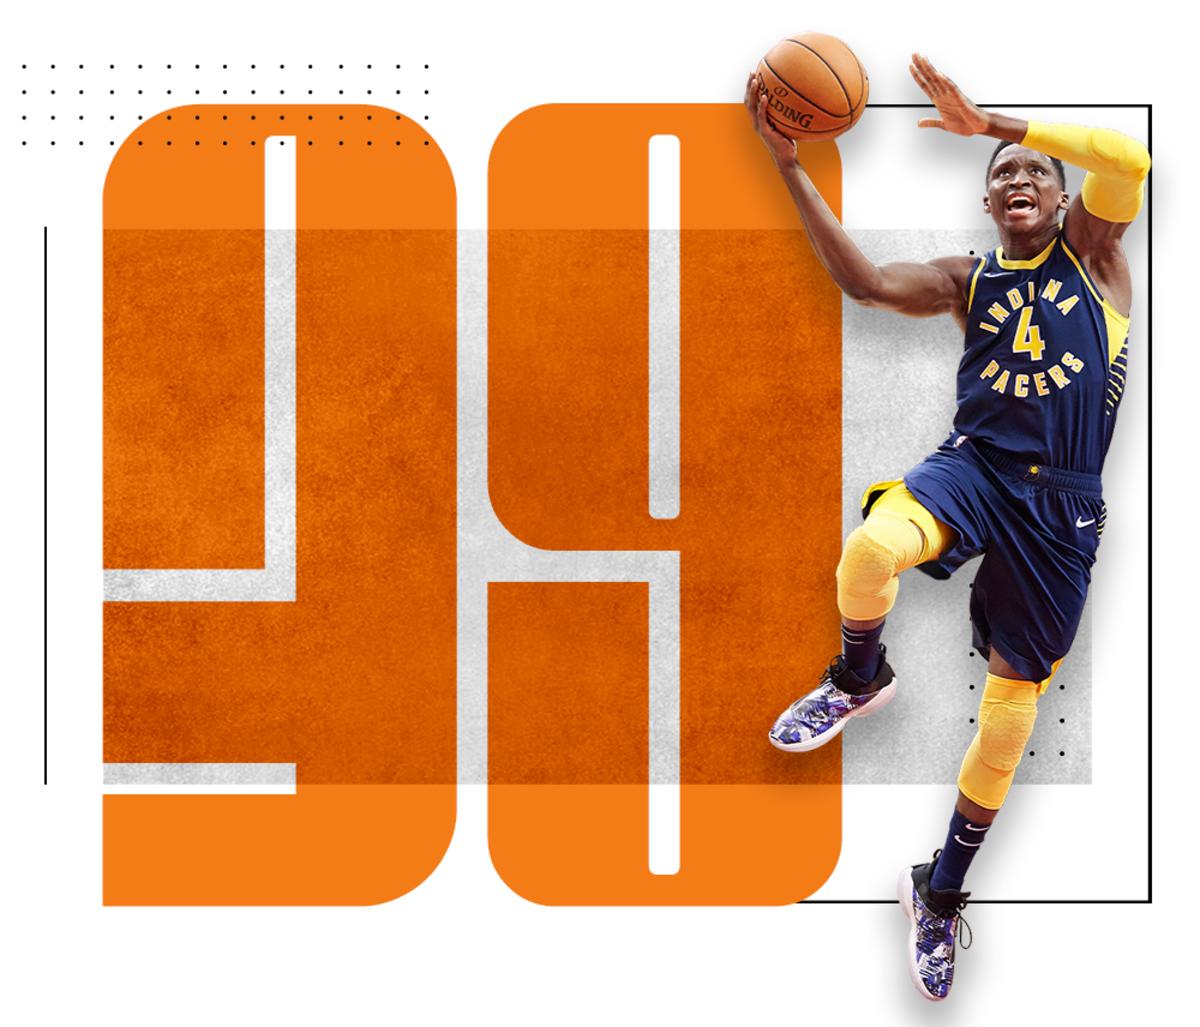 top-100-nba-players-2020-Victor-Oladipo.png